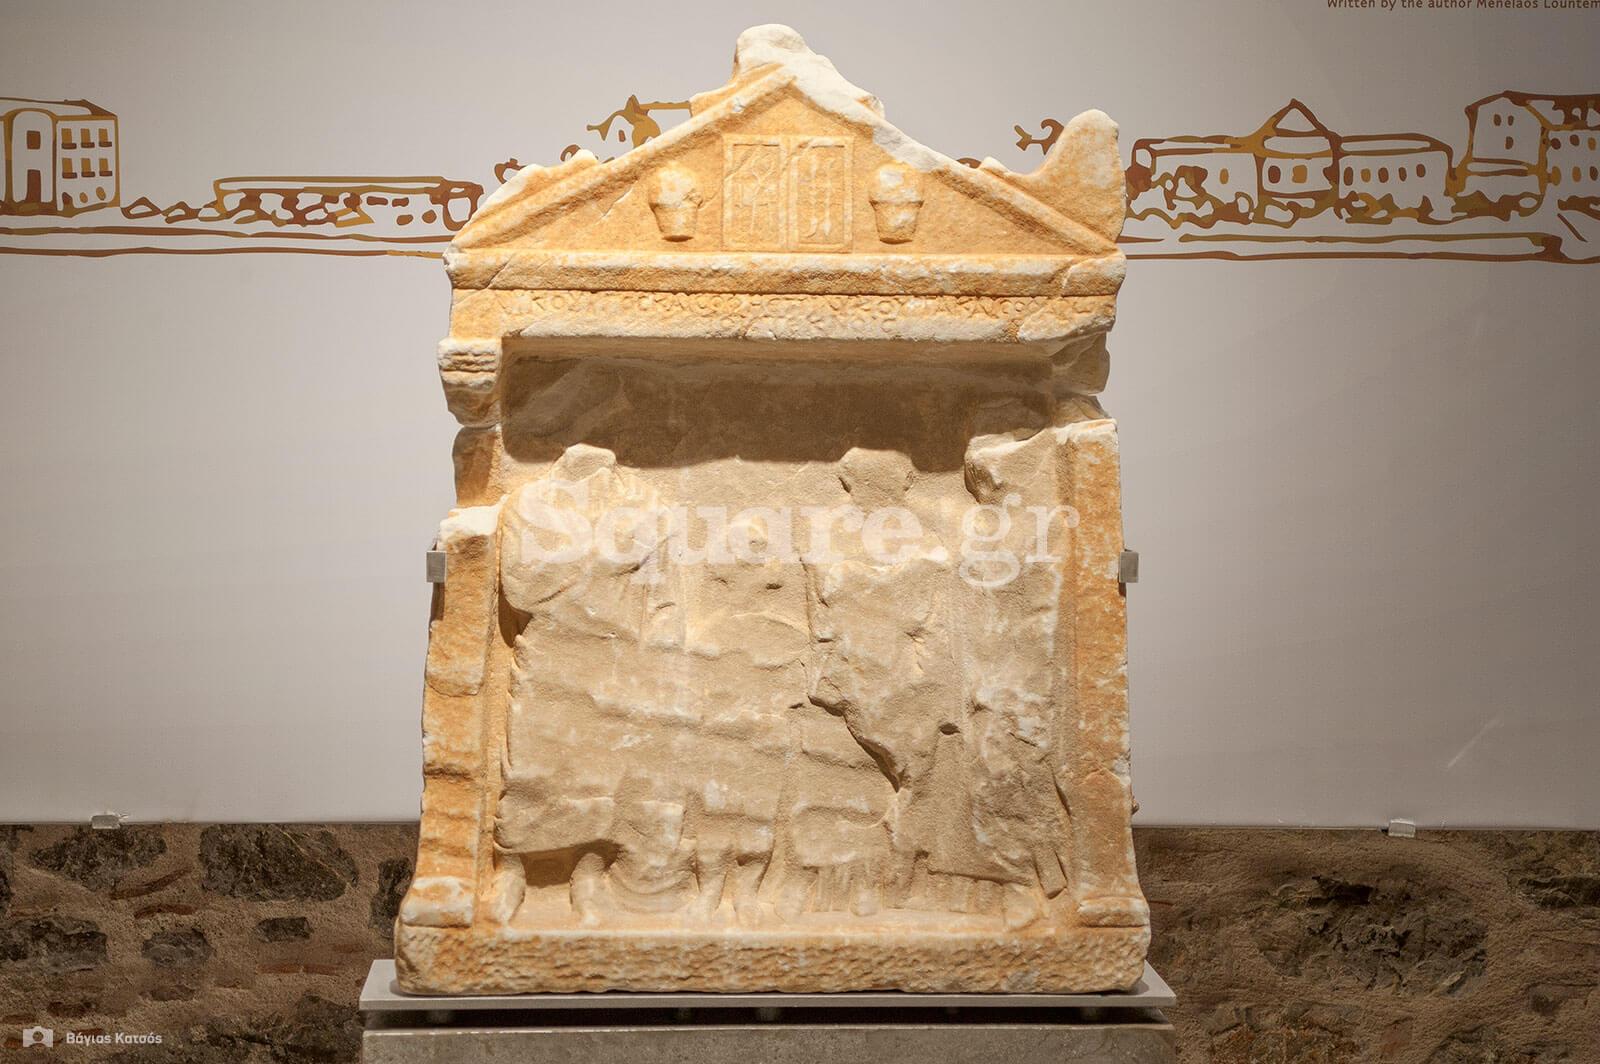 7-Ο γιατρός-Λυκούγος-τάφηκε-στην-Αιδηψό-τον-1ο-αιώνα-π-Χ-Τα-ιατρικά-του-εργαλεία-απεικονίζονται-στη-στήλη-του-τάφου-του